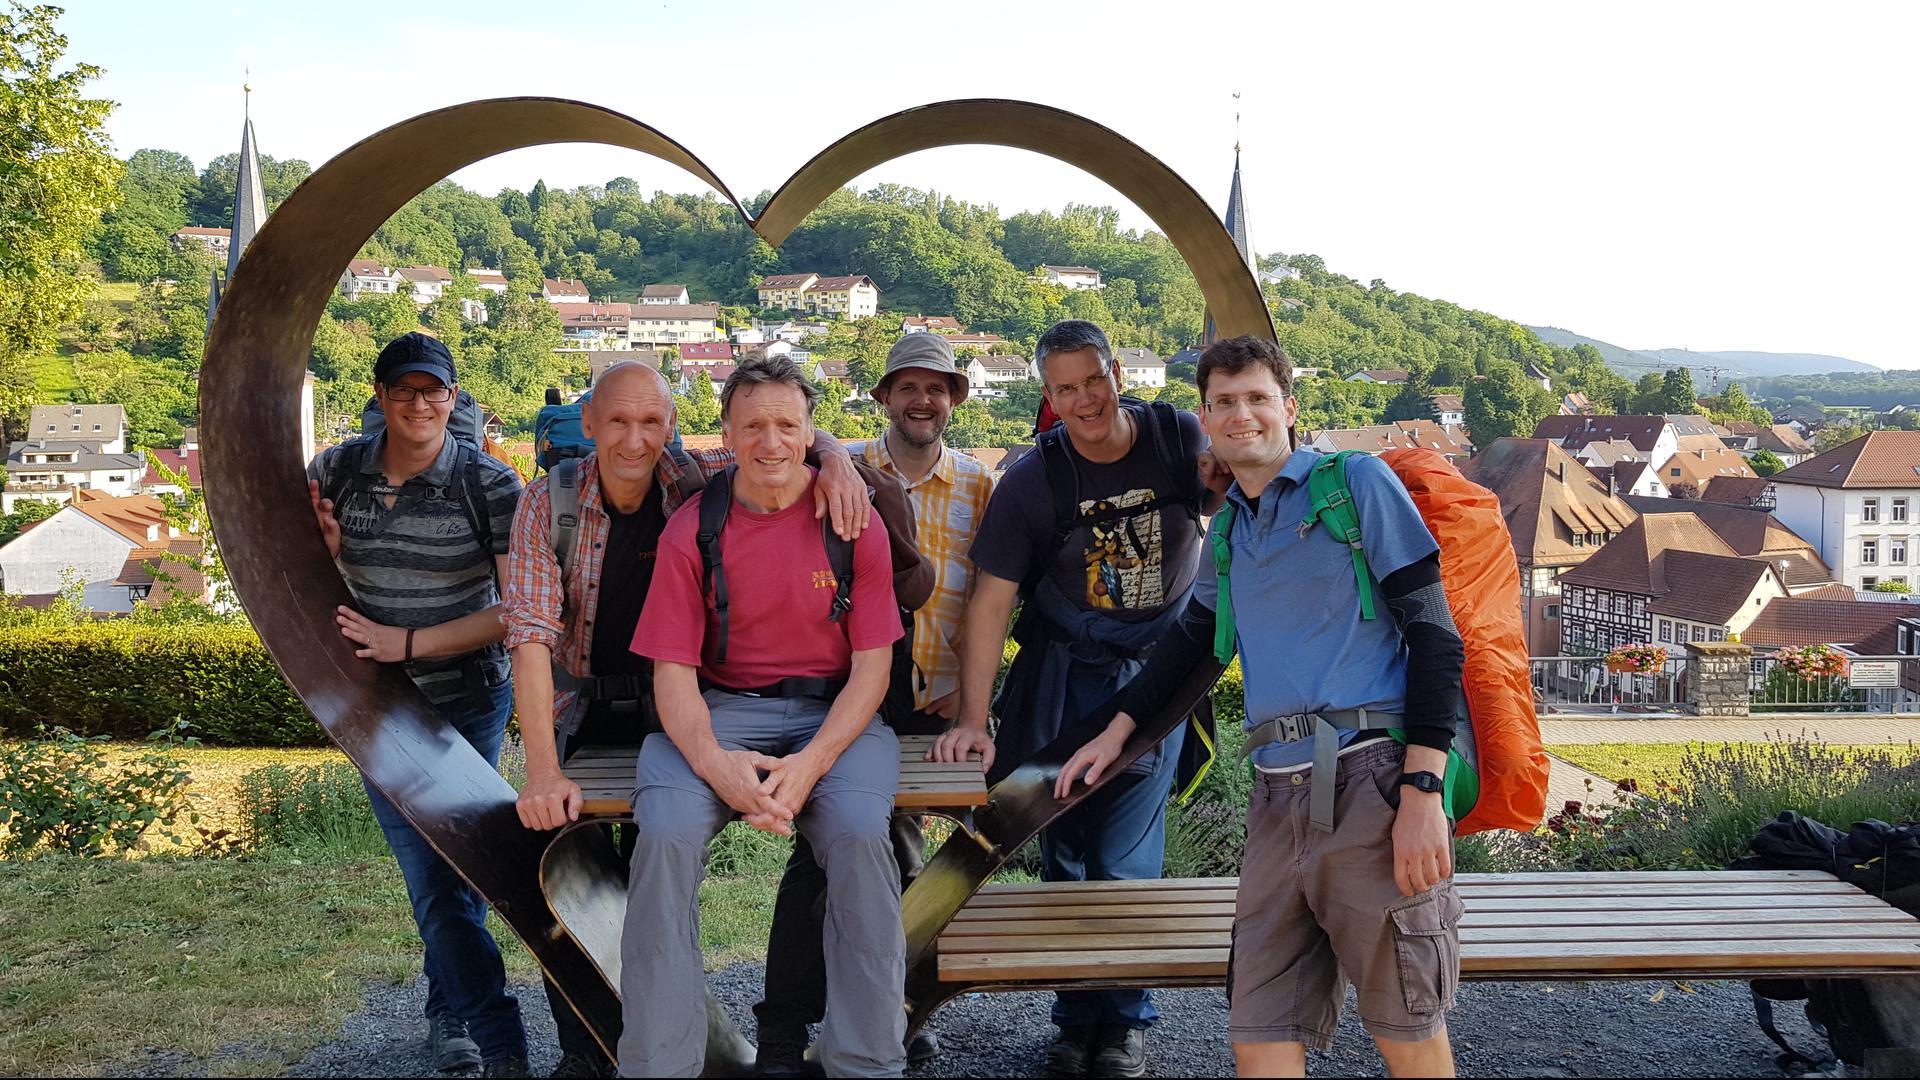 Sechs Wanderer an einem Metallherz mit Bank und Tisch in Weingarten